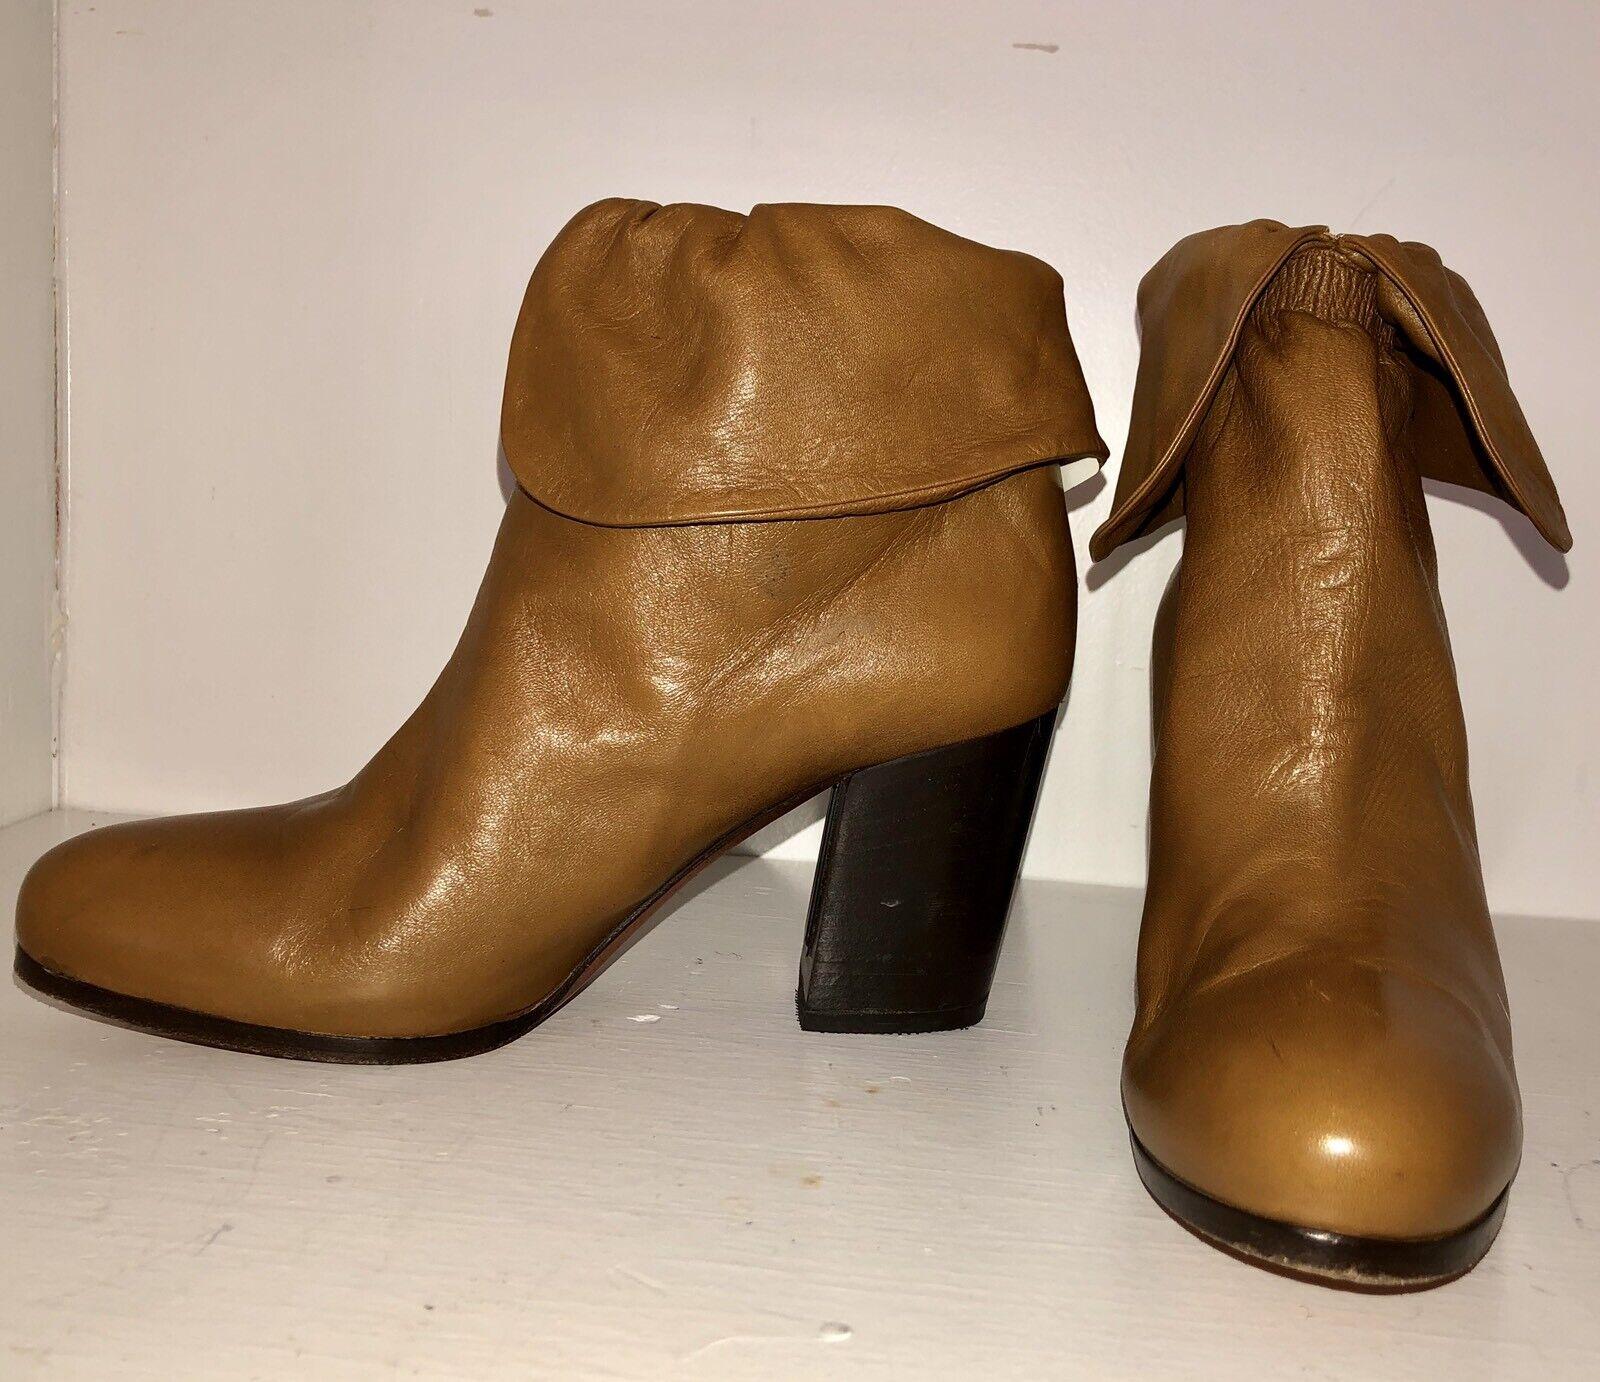 Designer Vanessa Bruno à la cheville bottes italienne Italie 38 7.5 8 en cuir souple